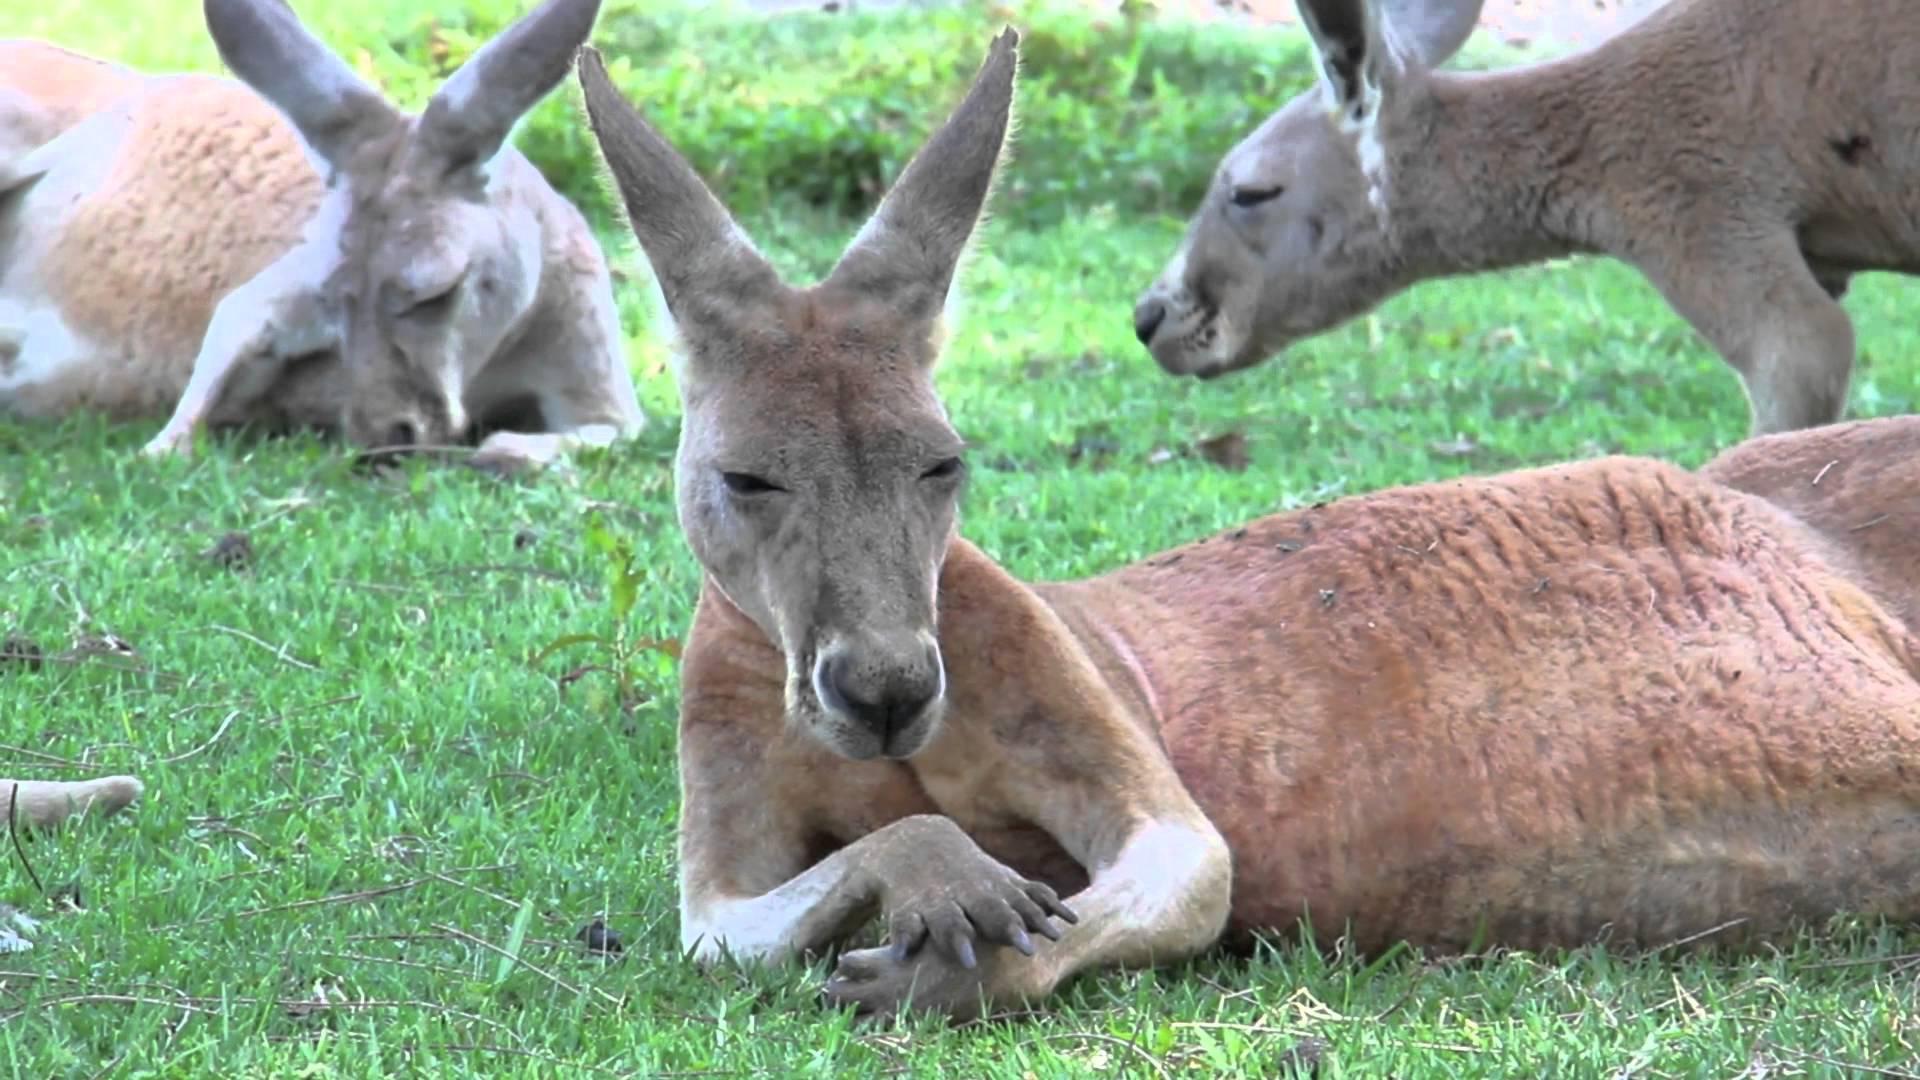 Kangaroo laying down photo